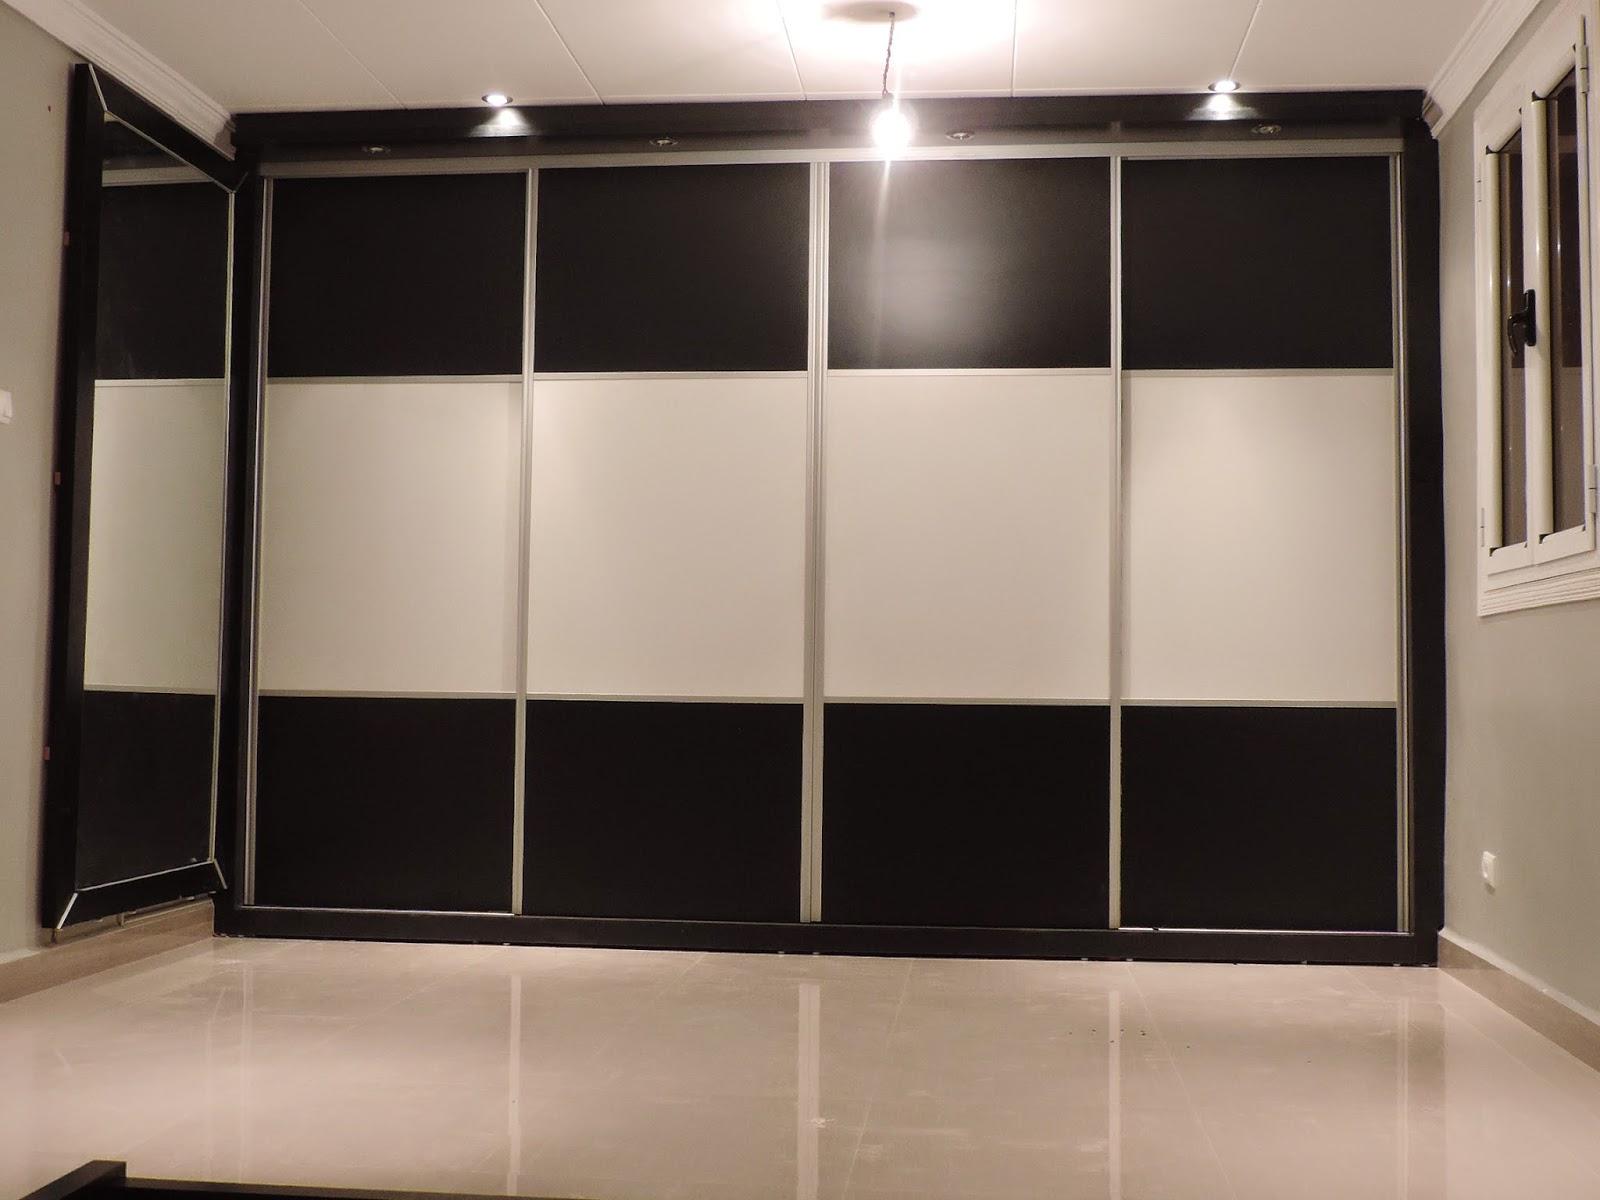 placards et dressings sur mesure placard extra large avec miroir. Black Bedroom Furniture Sets. Home Design Ideas